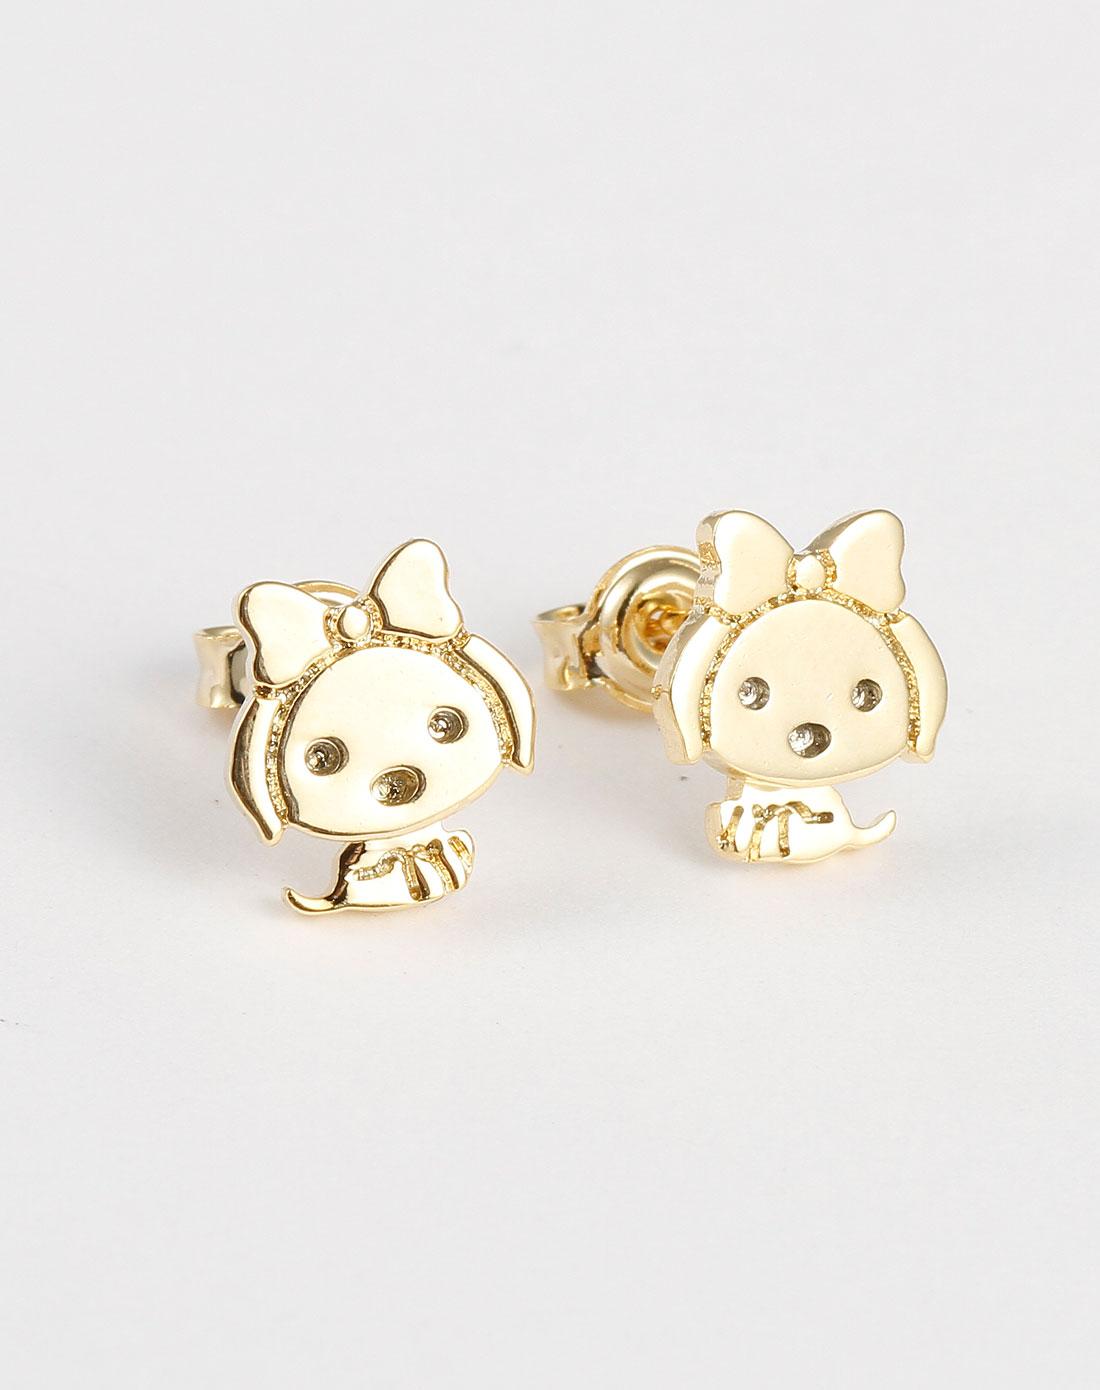 金色可爱耳环